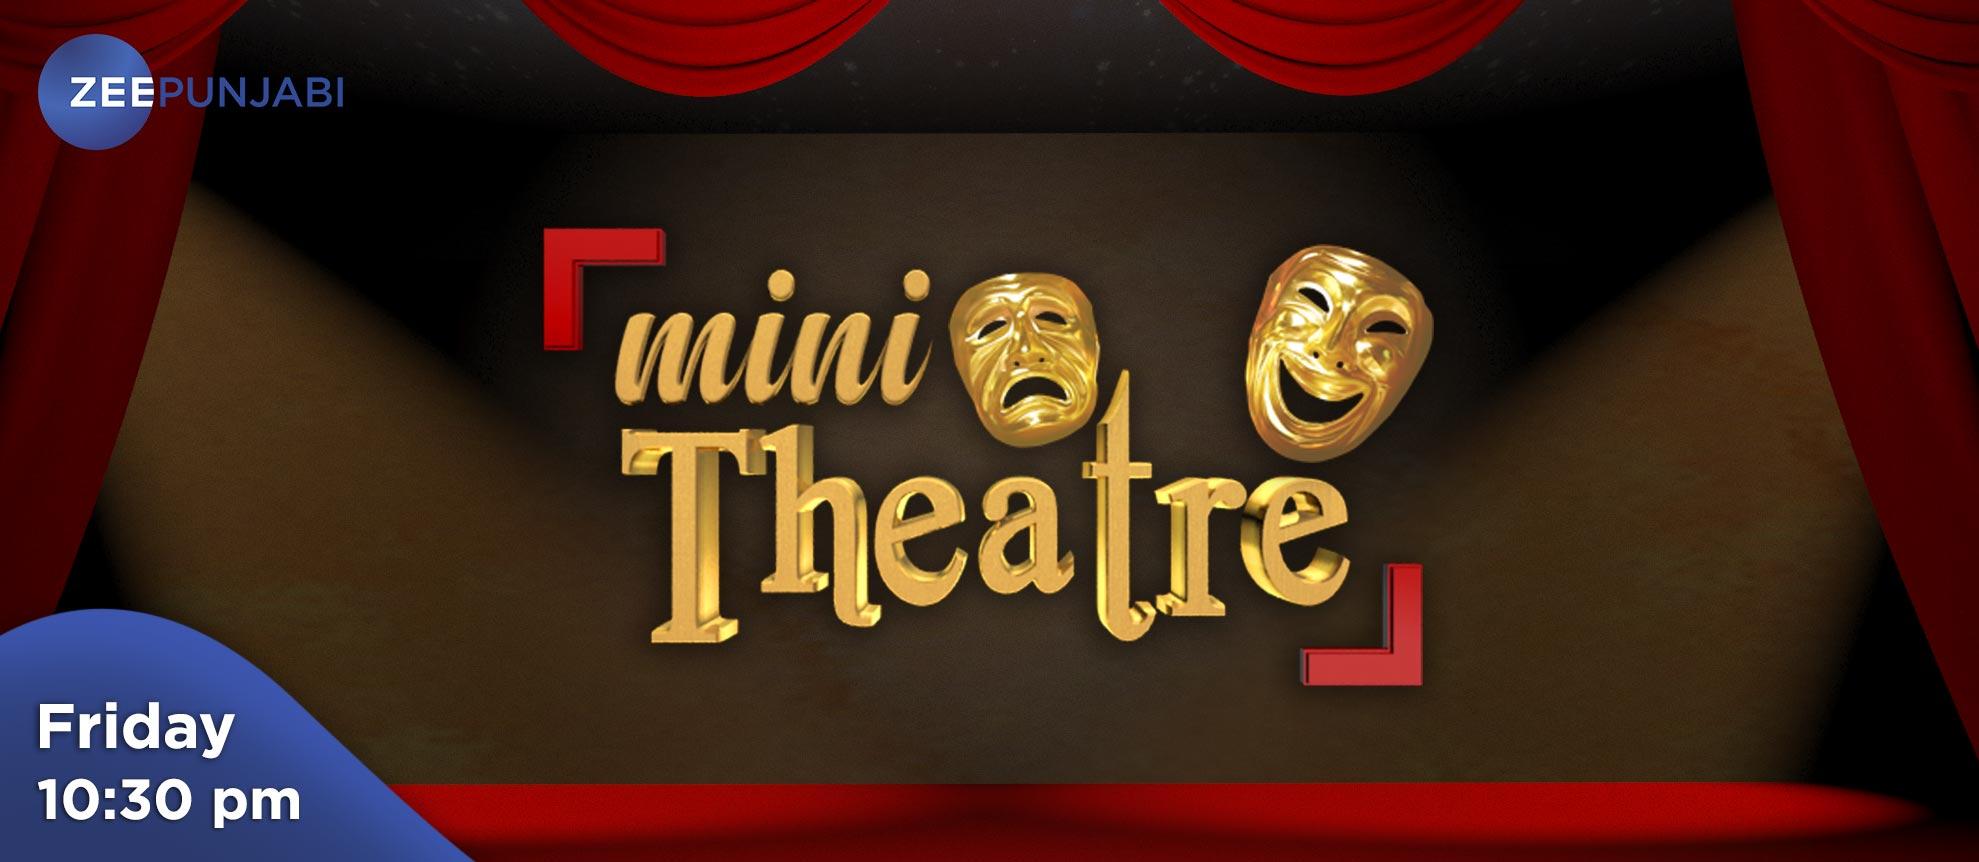 Mini Theatre